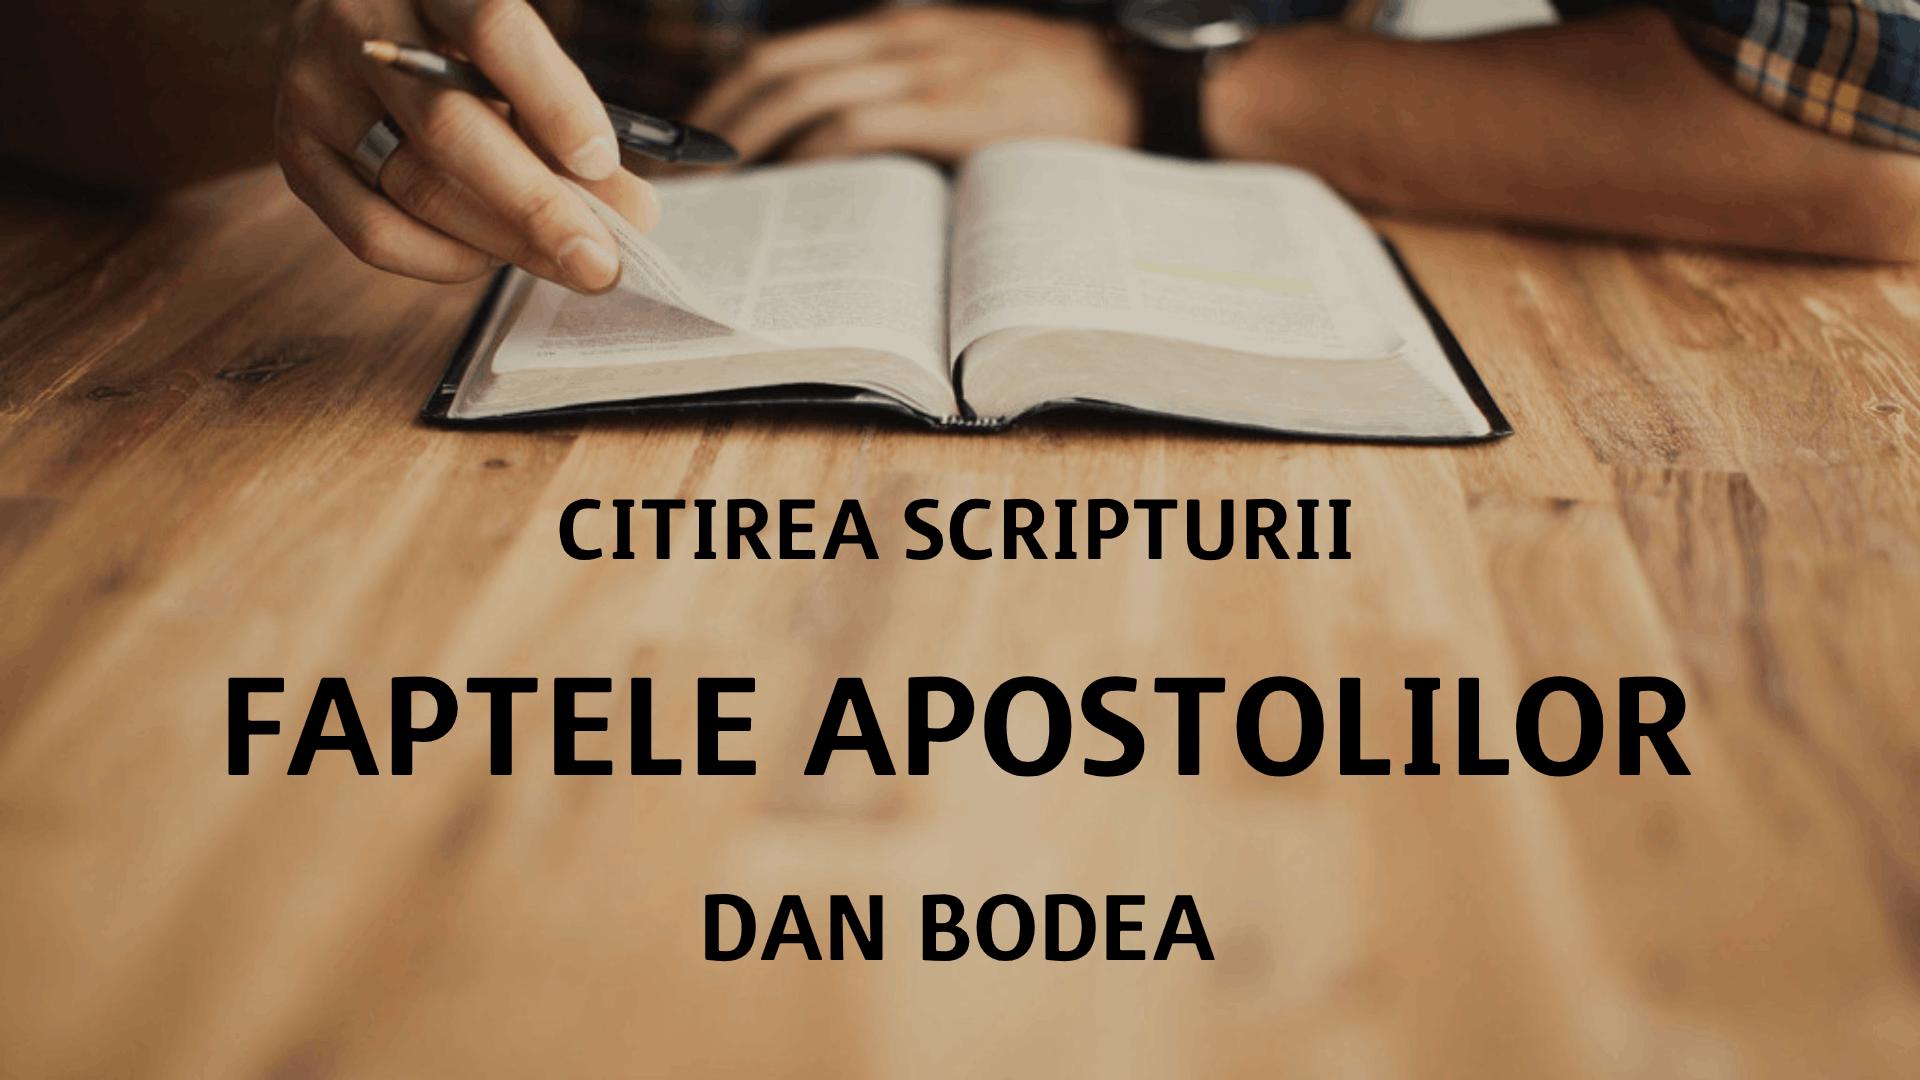 Citirea Scripturii - Faptele Apostolilor - Dan Bodea